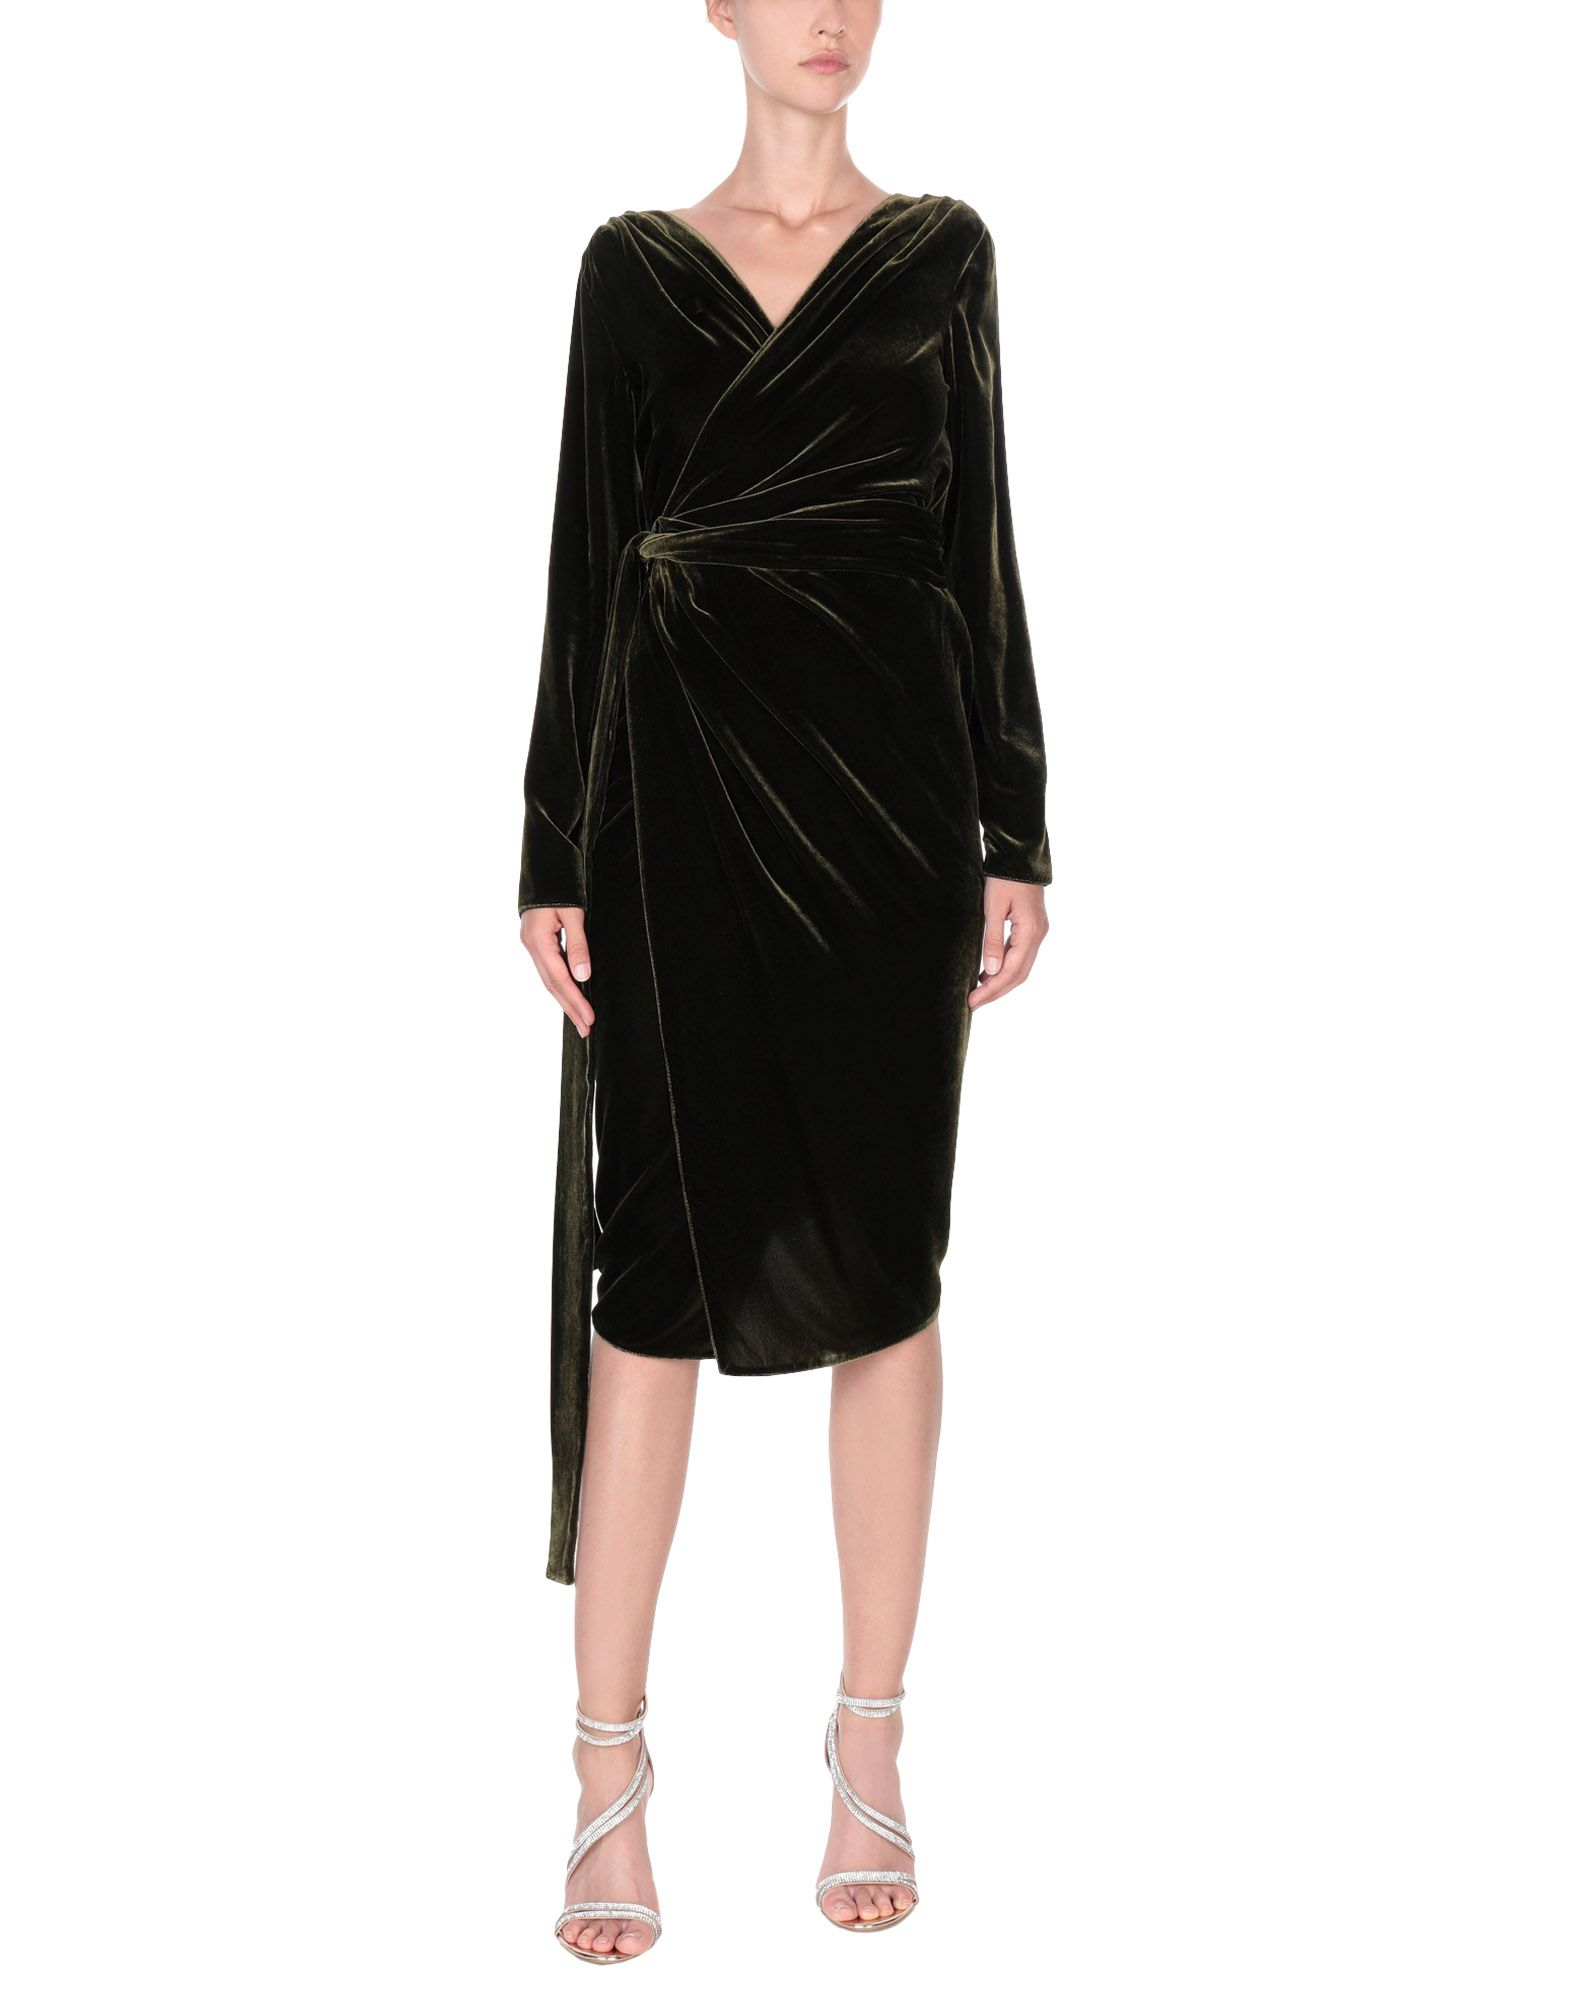 RHEA COSTA Midi Dress in Dark Green